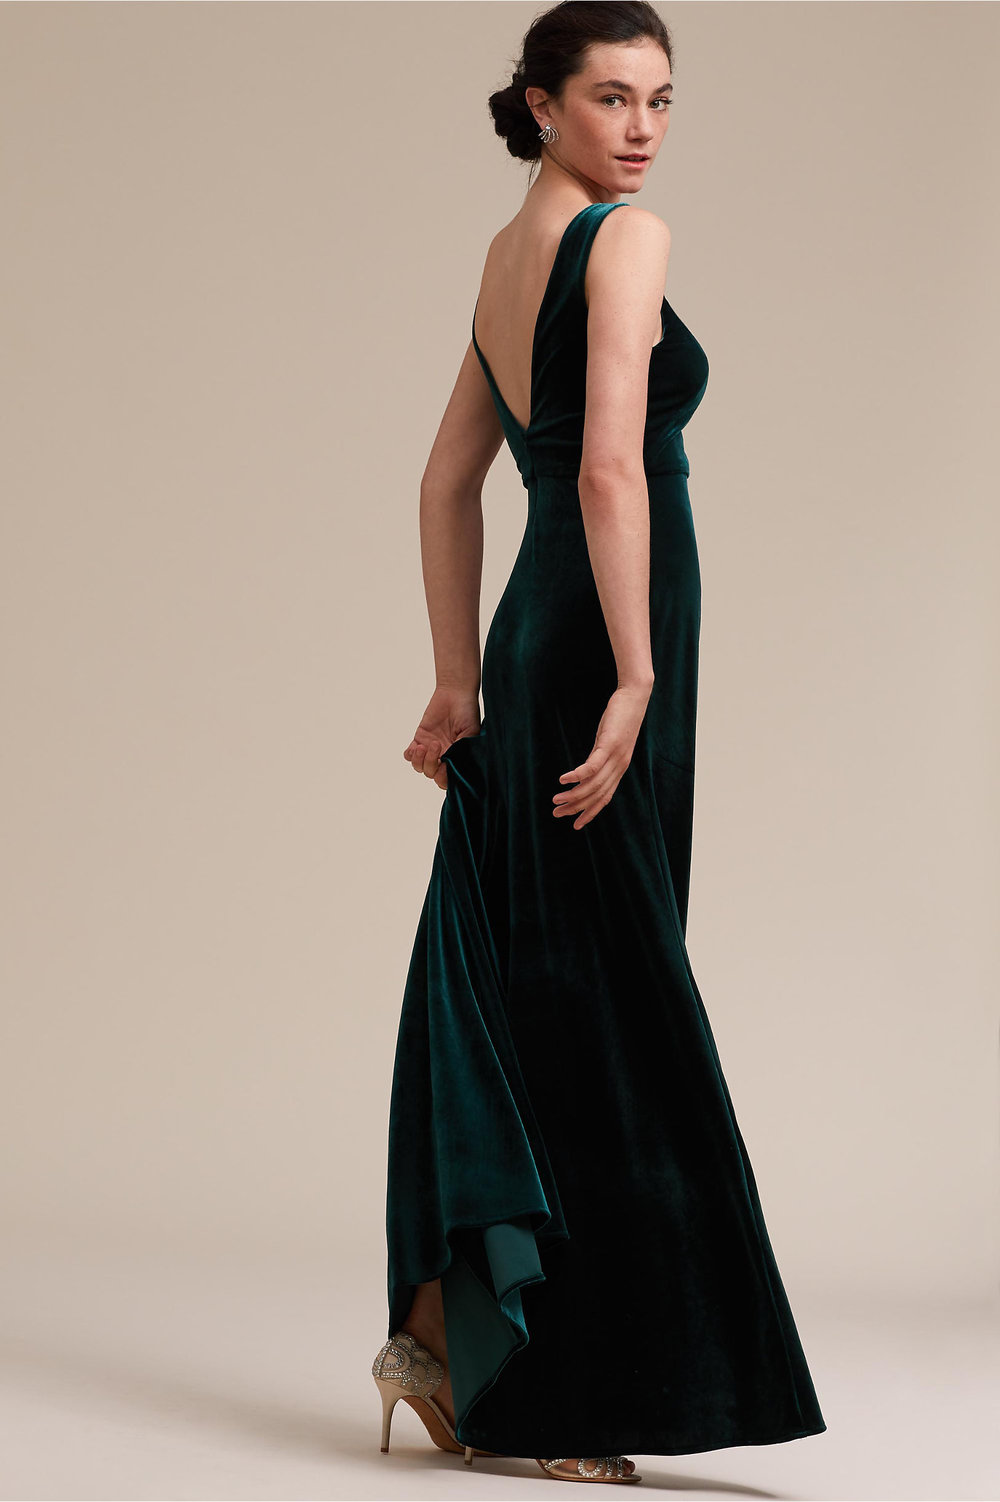 Logan Wedding Dress in Emerald by BHLDN